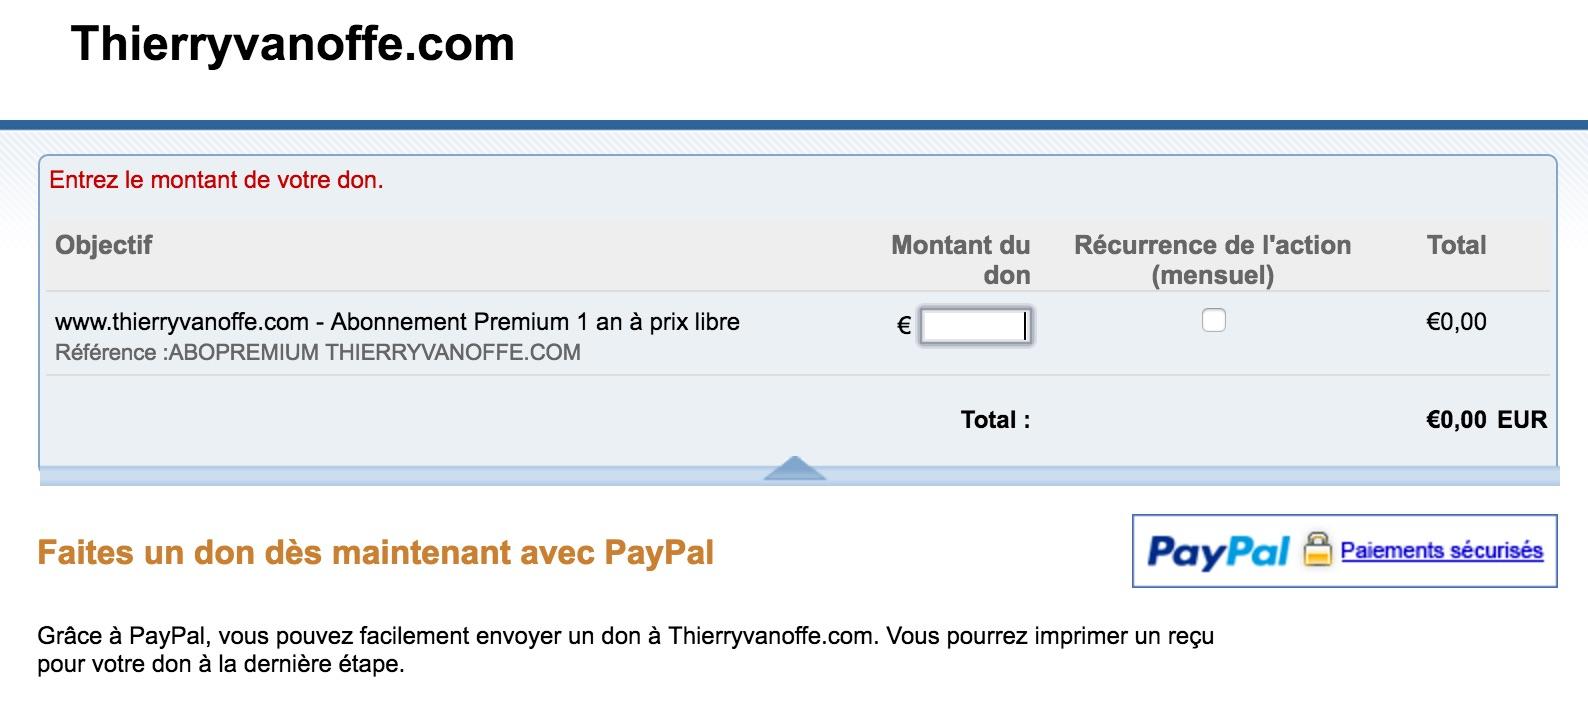 payez_rapidement_avec_paypal_-_paypal